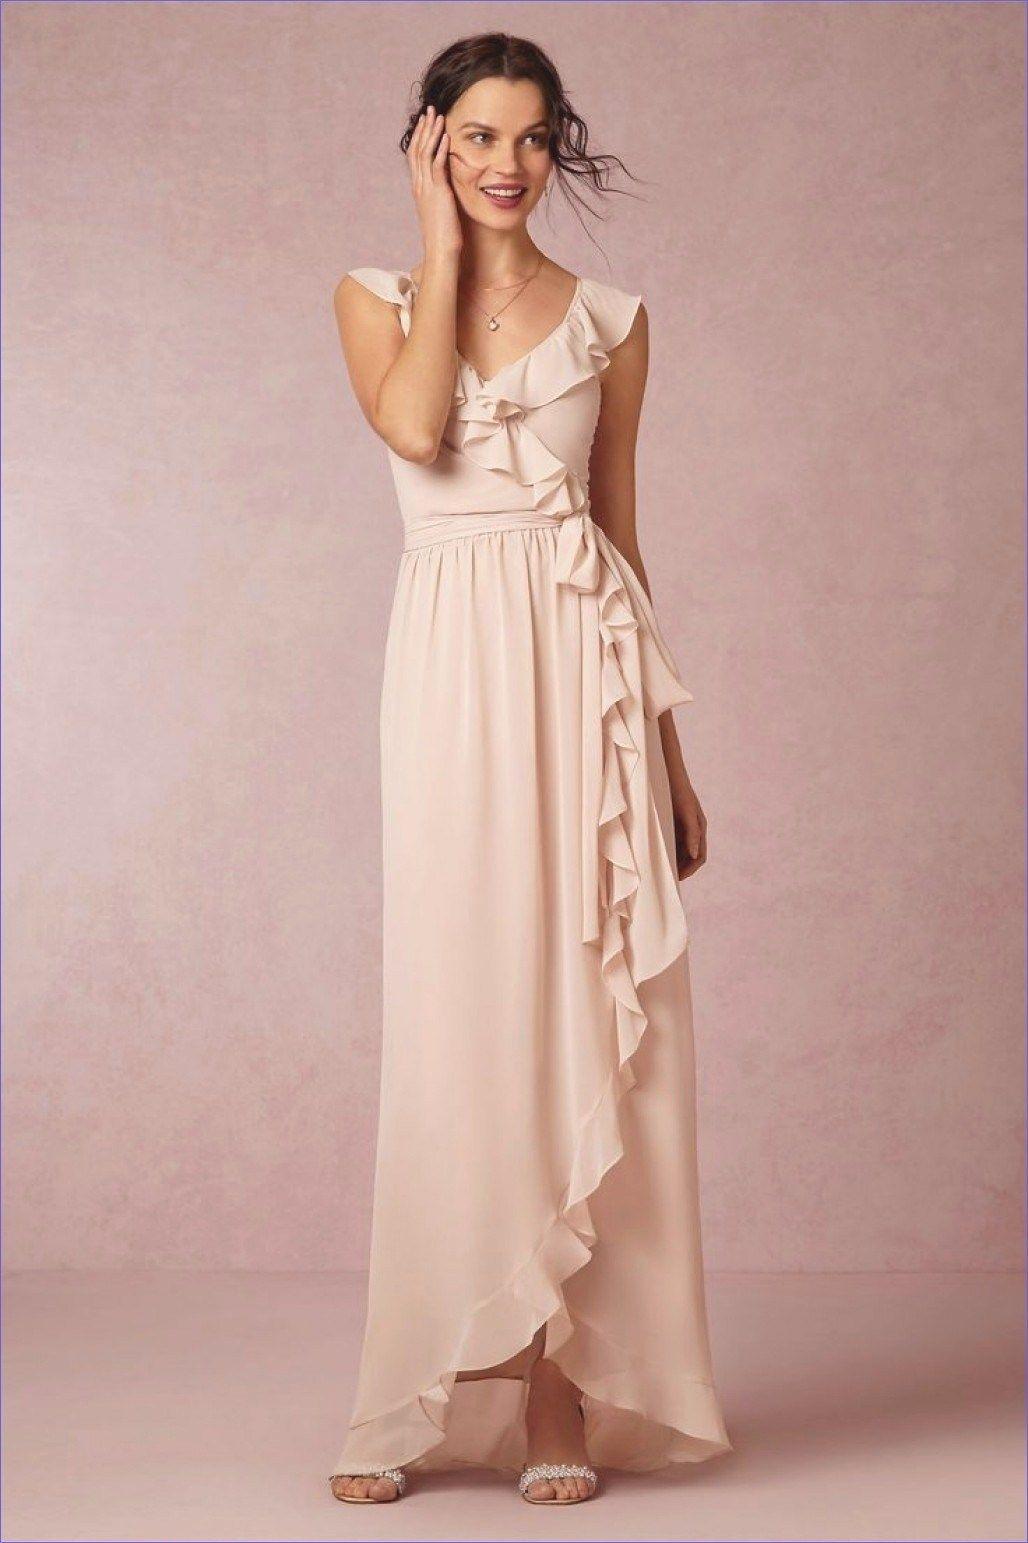 a87dc1abfb4d Heimelige 20 Fantastisch Kleid Für Hochzeit Als Gast Galerie – Abendkleid  15 lässige Oversize Looks